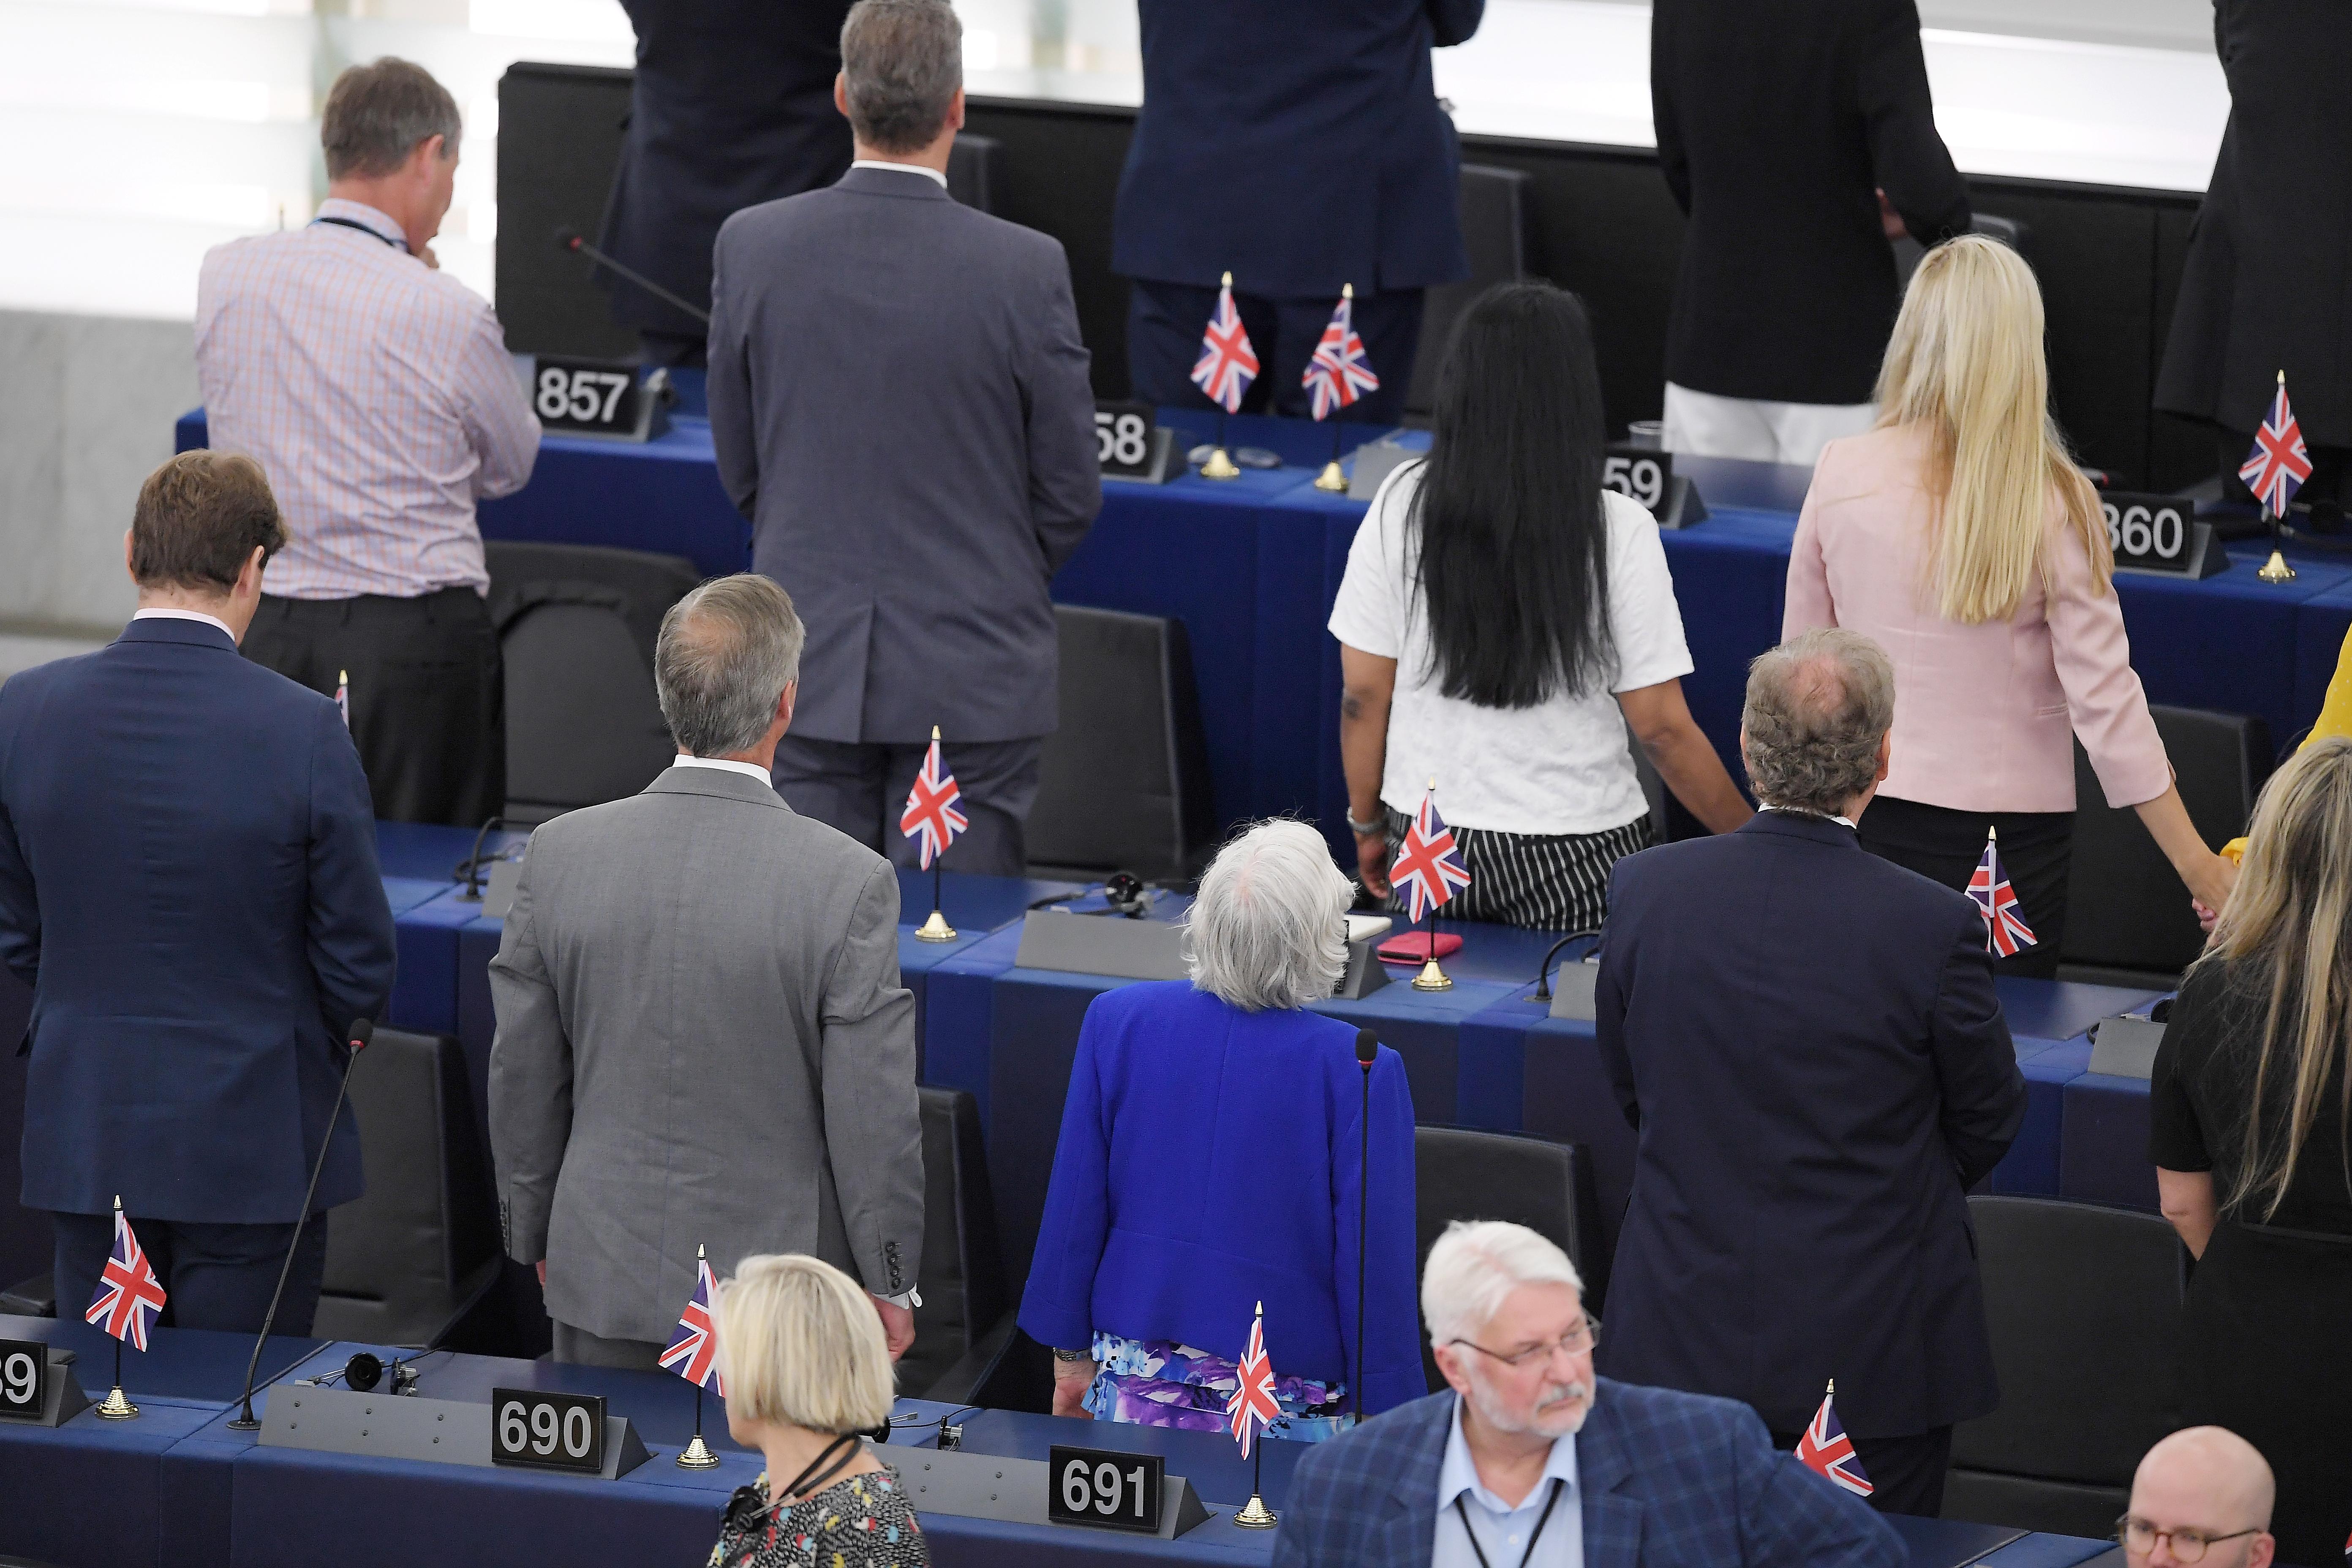 Már az EP nyitóülésén hátat fordított a teremnek a Brexit Párt